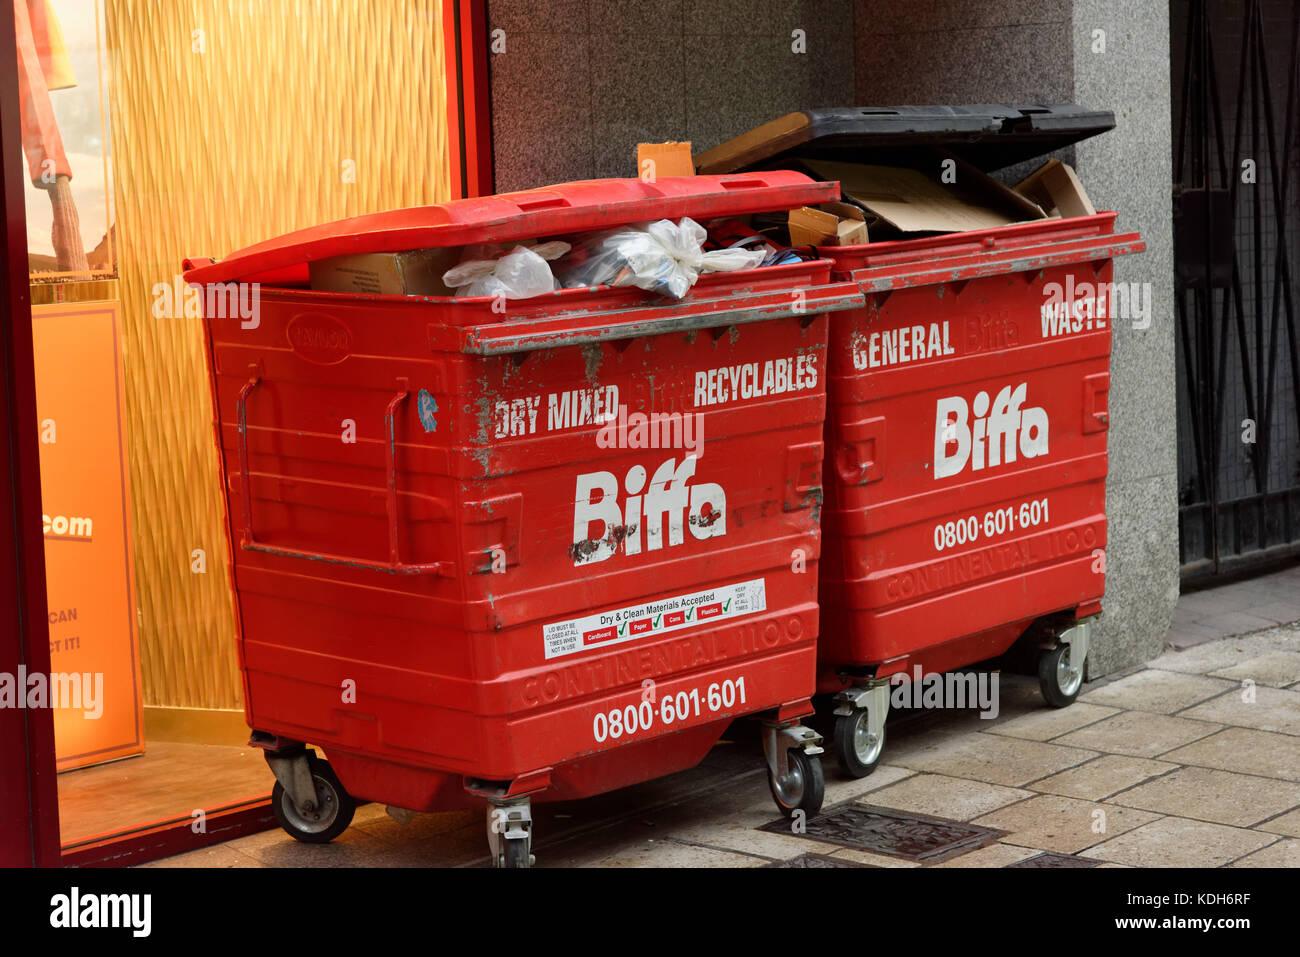 Scomparti biffa bin raccolta rifiuti la gestione dei rifiuti nel cestino del dumpster Immagini Stock